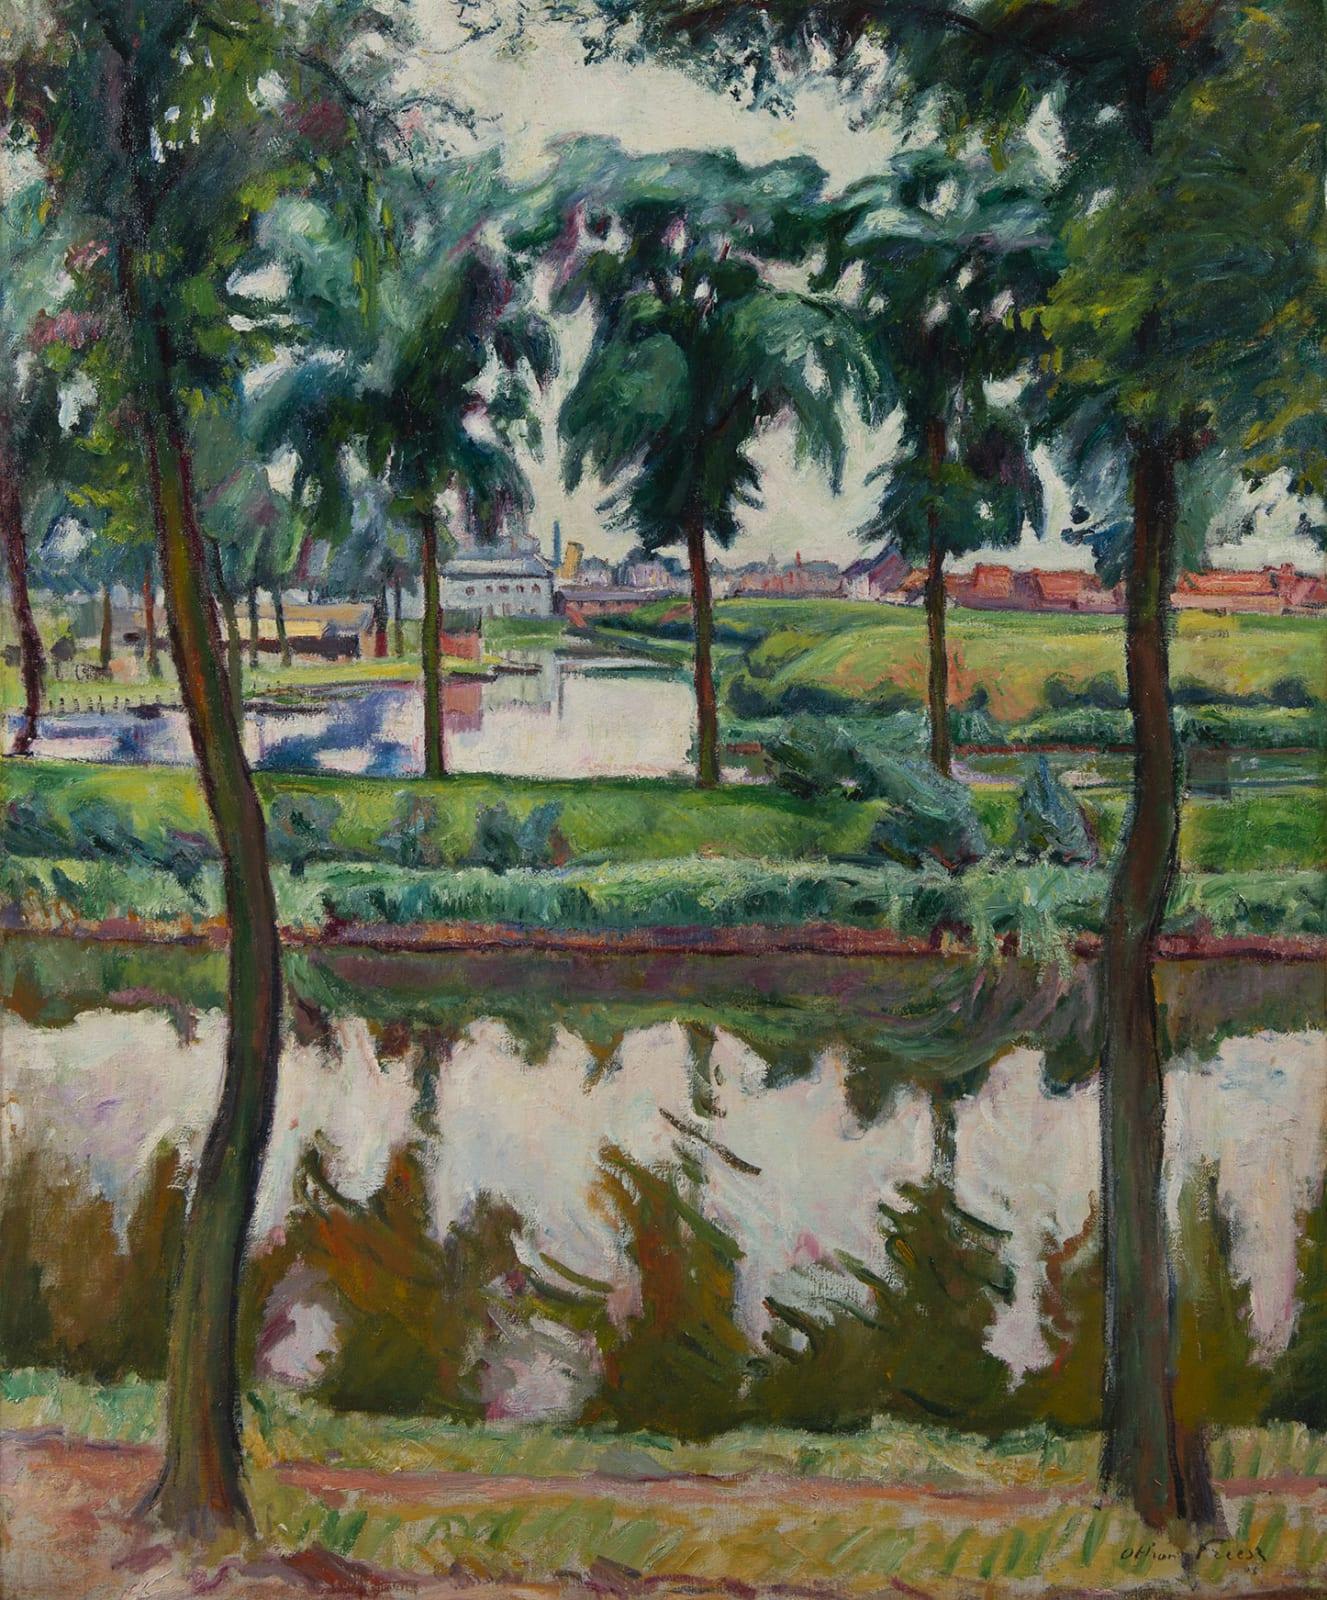 EMILE OTHON FRIESZ, Canaux à Anvers, 1906